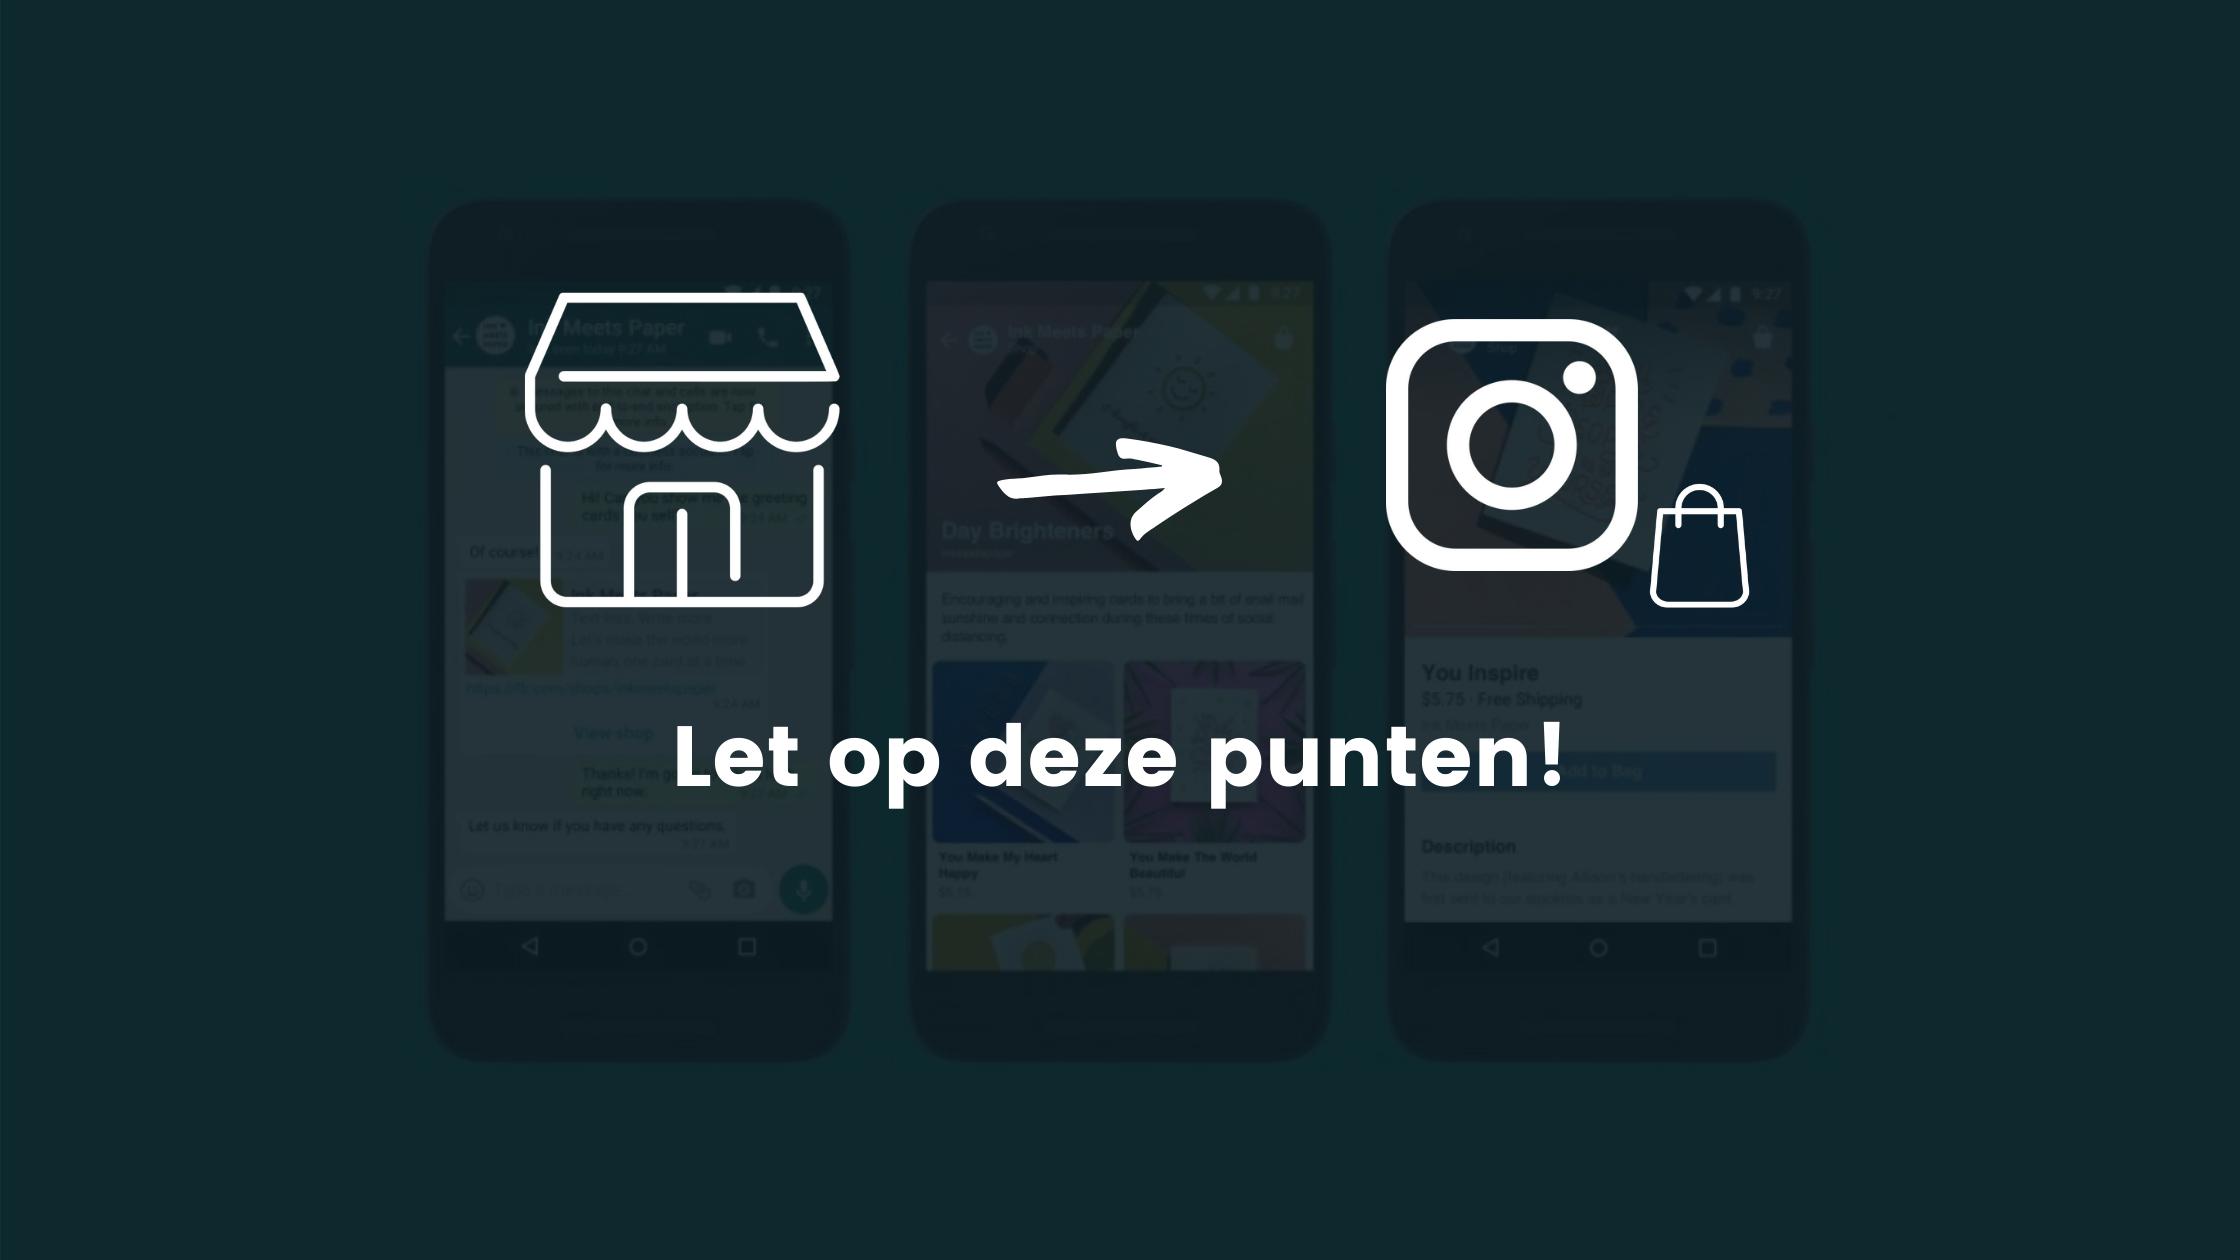 Instagram Shopping: Let op de volgende 3 punten!